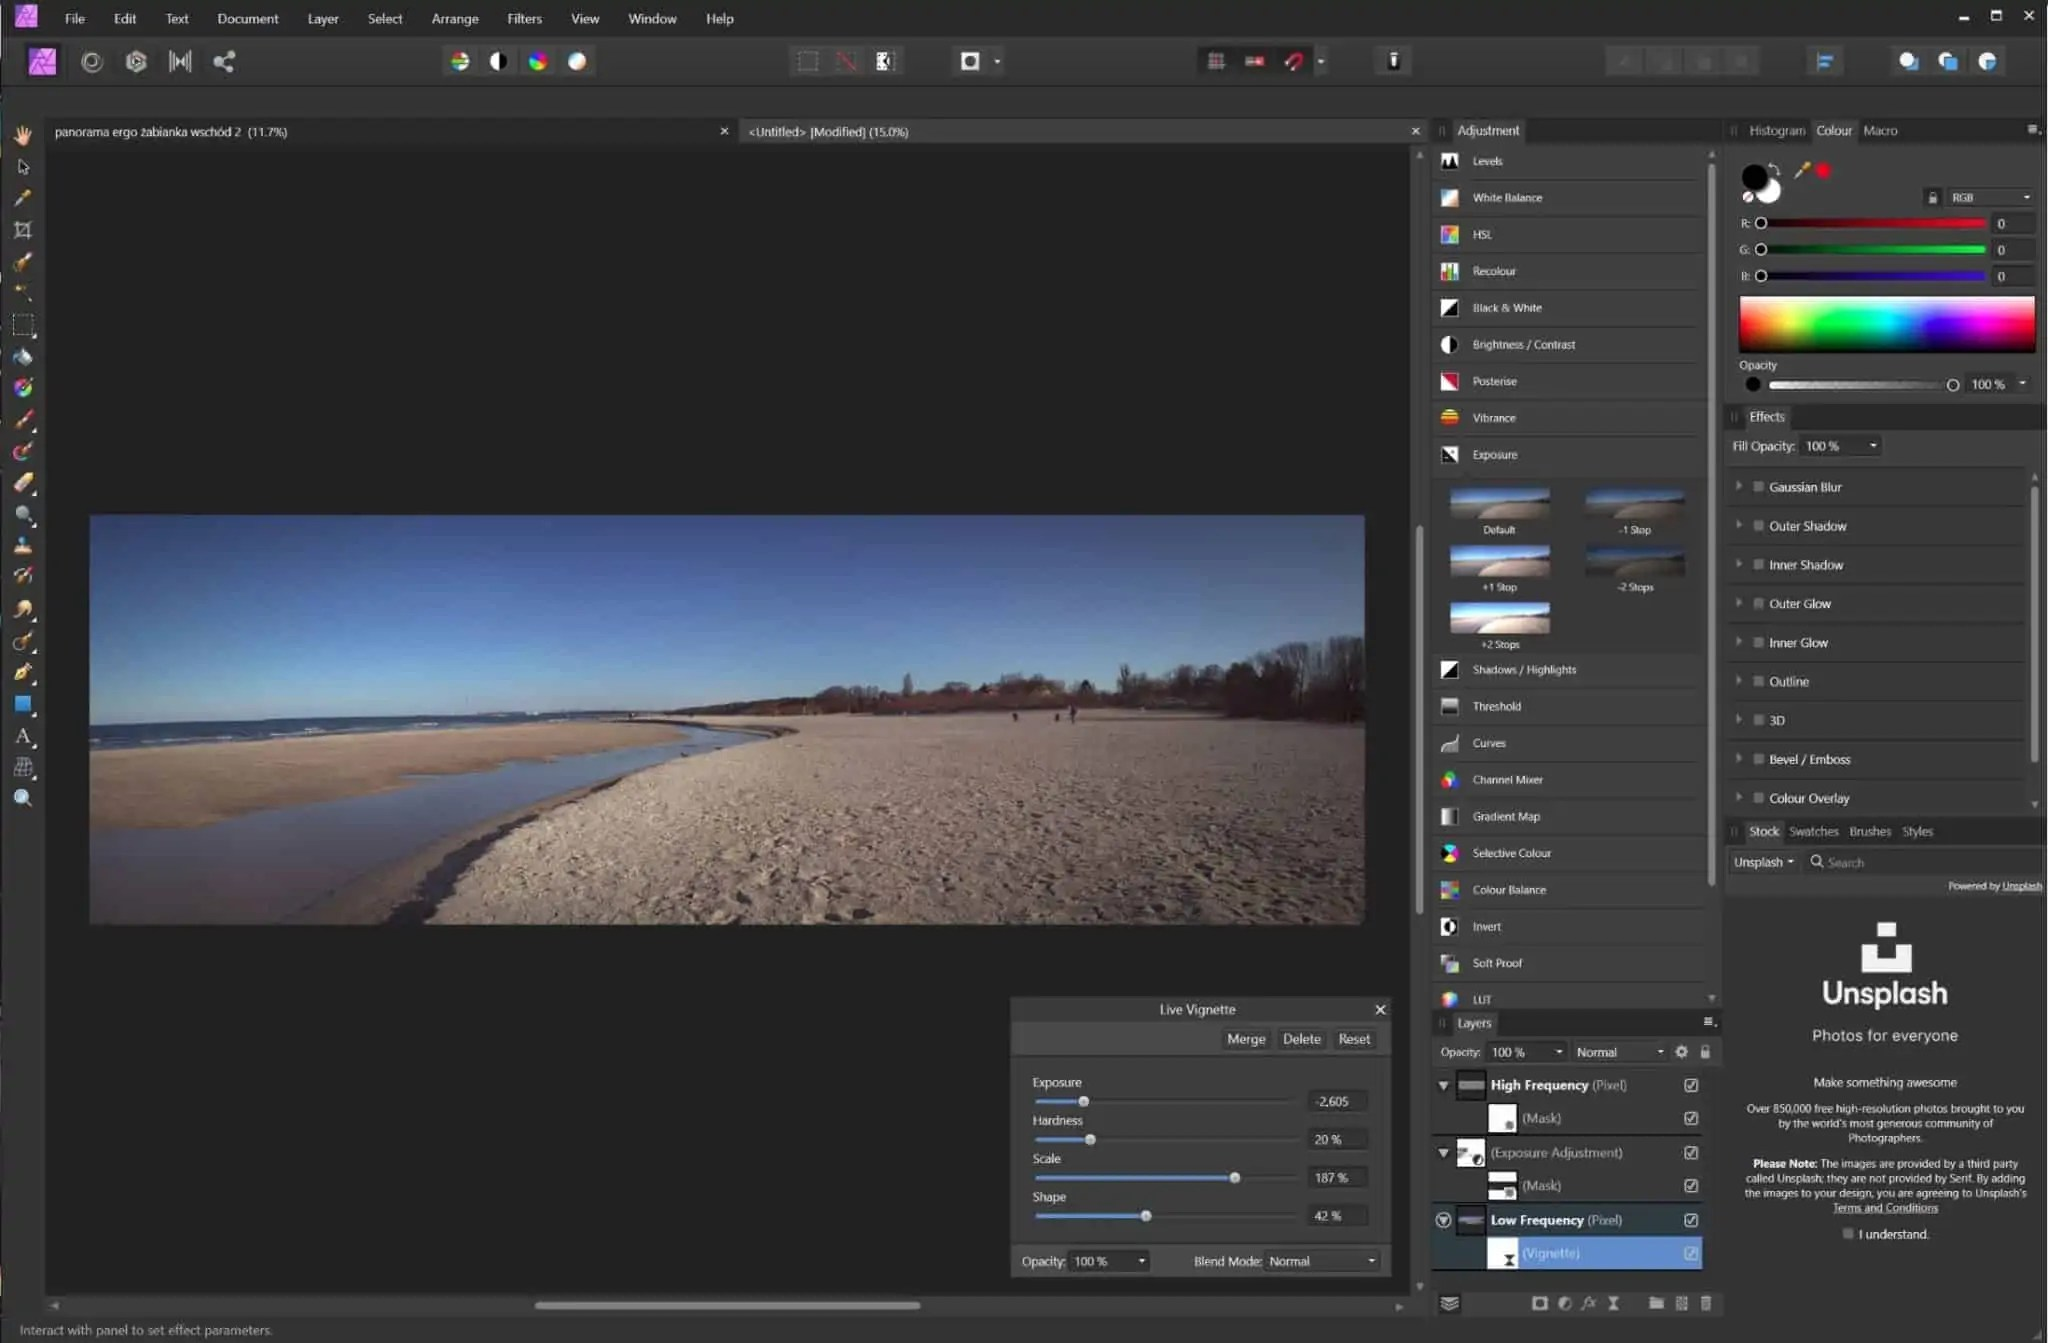 Moduł develop affinity photo główny ekran pracy grafiki scaled - Affinity photo - alternatywa dla photoshopa